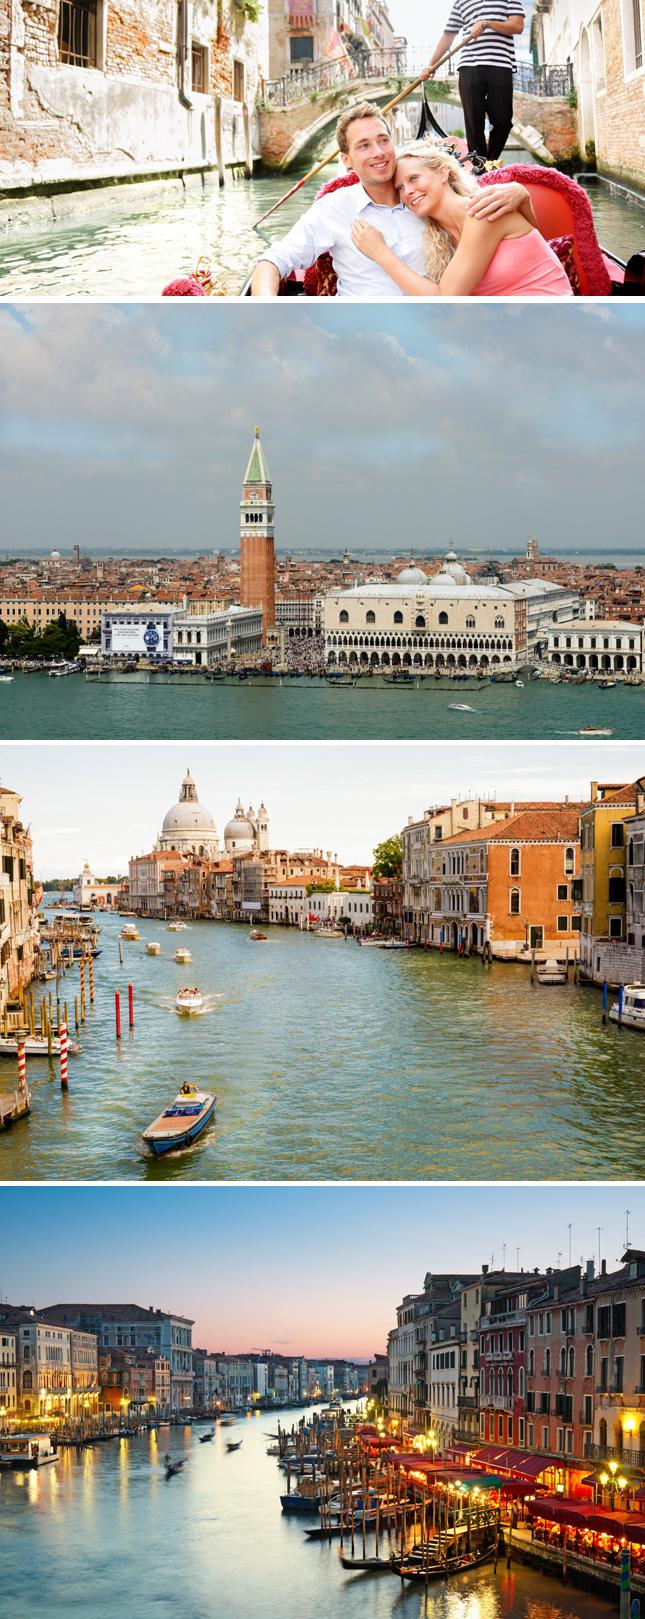 Luxury travel, Romantic Travel in Italy, Venice, Valentine's